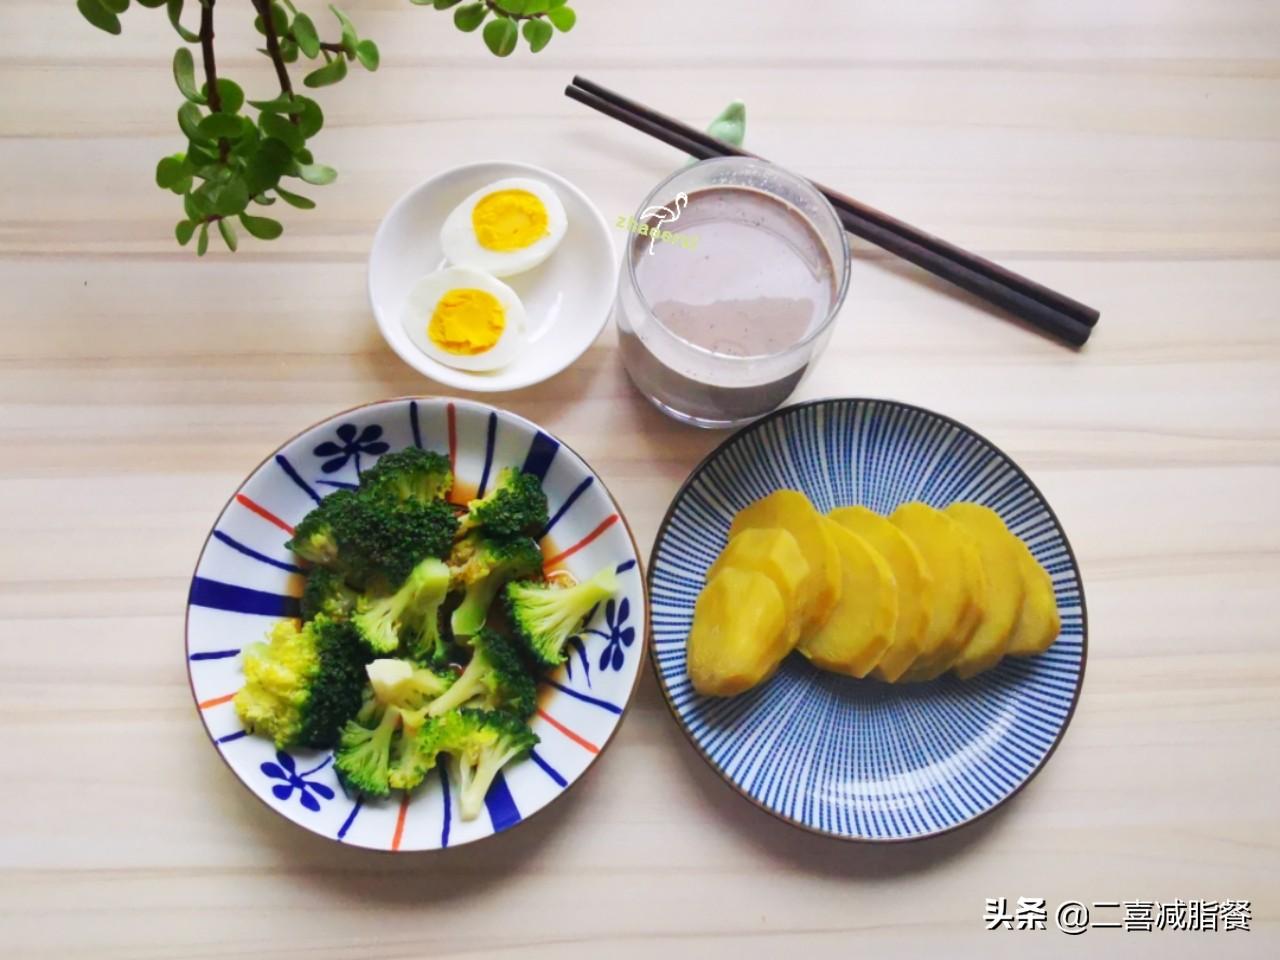 营养师7天的减脂早餐 减肥菜谱 第7张